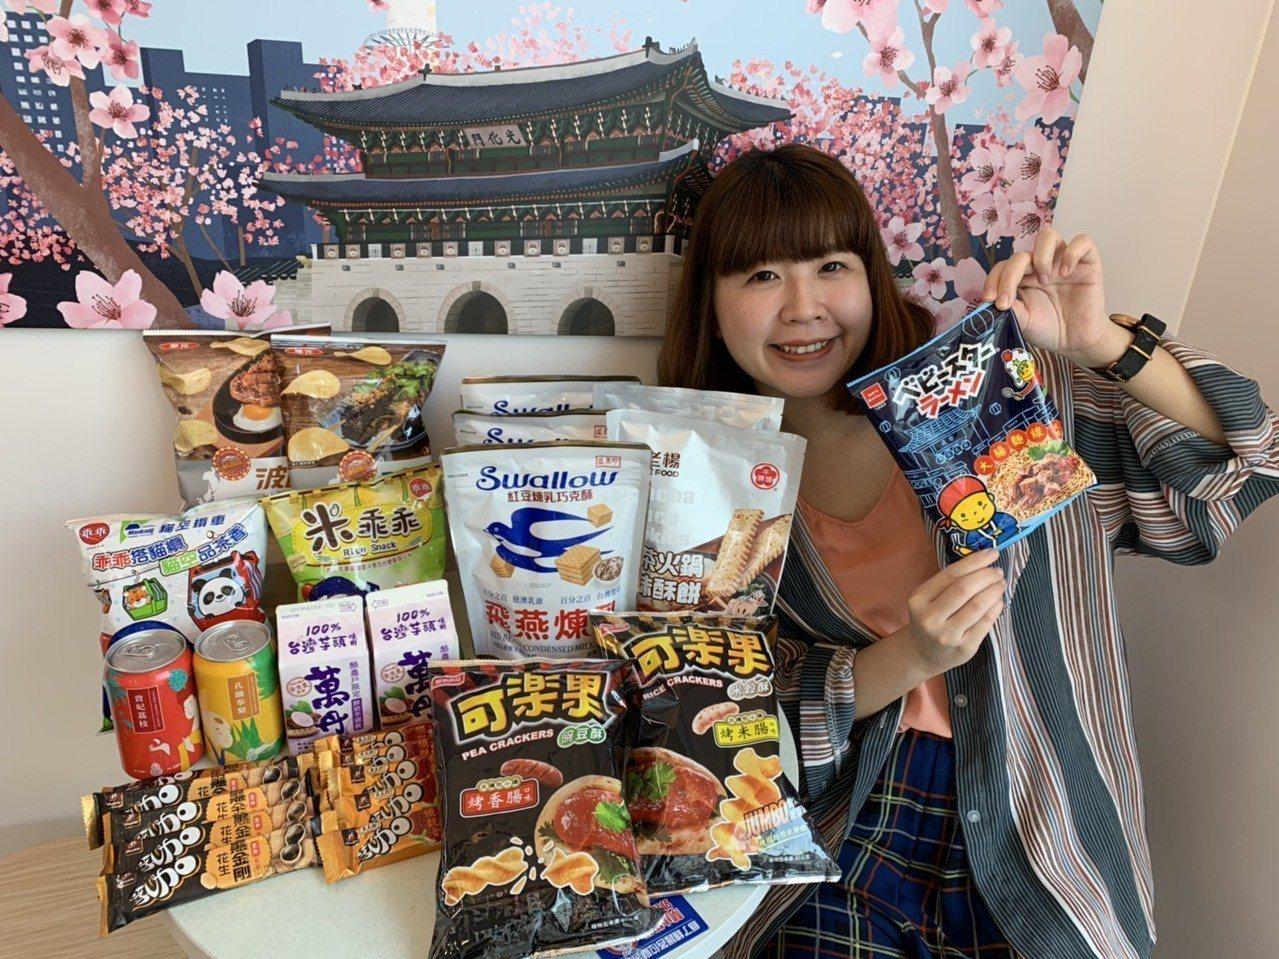 7-ELEVEN首次推出「台灣人氣小吃賞」,大腸包小腸、大腸麵線等台味零食全面開...